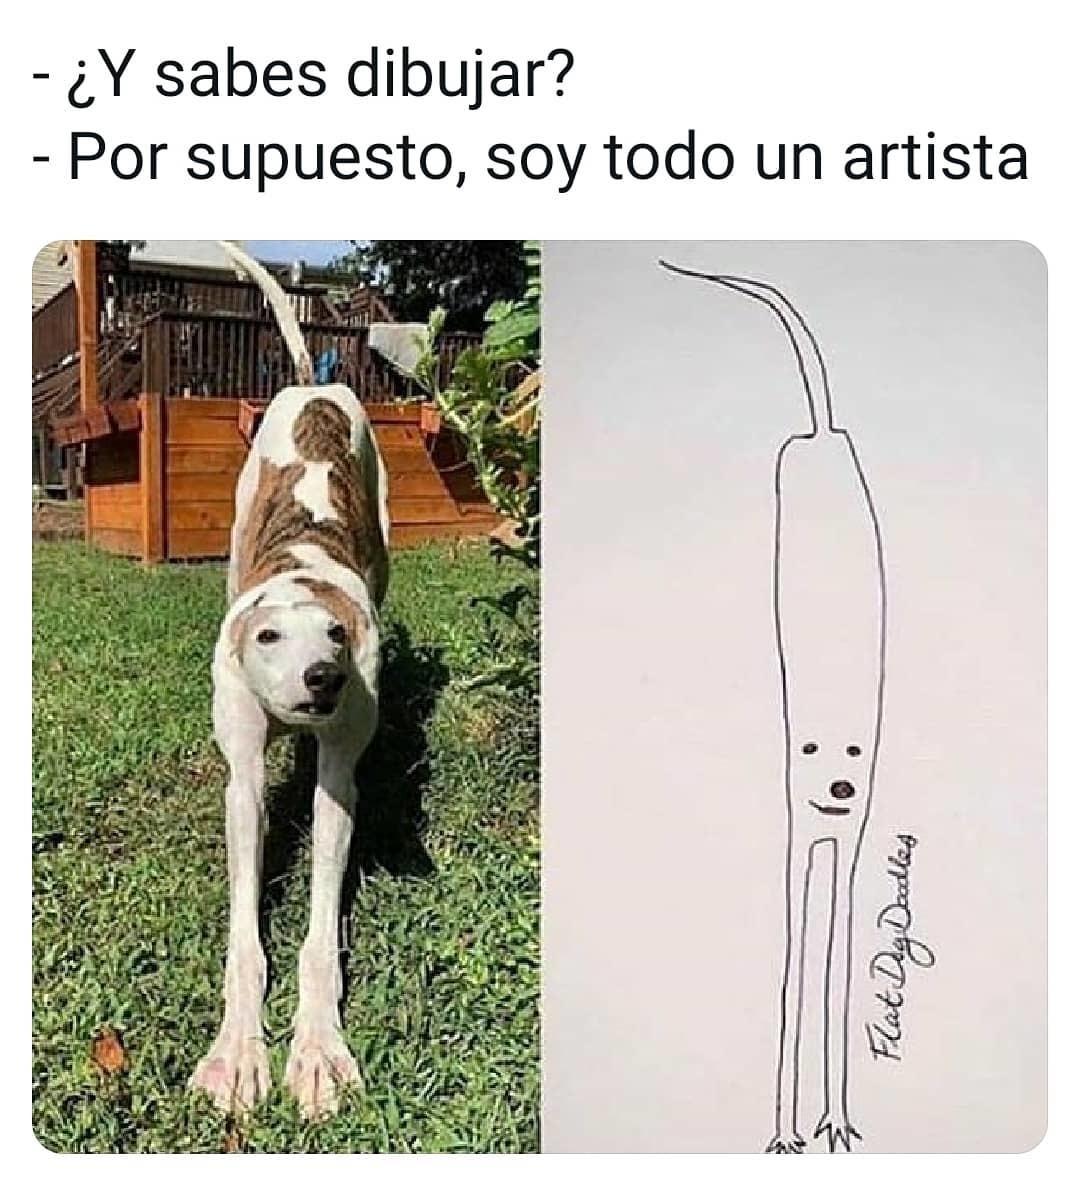 Como dibujo un perro - meme